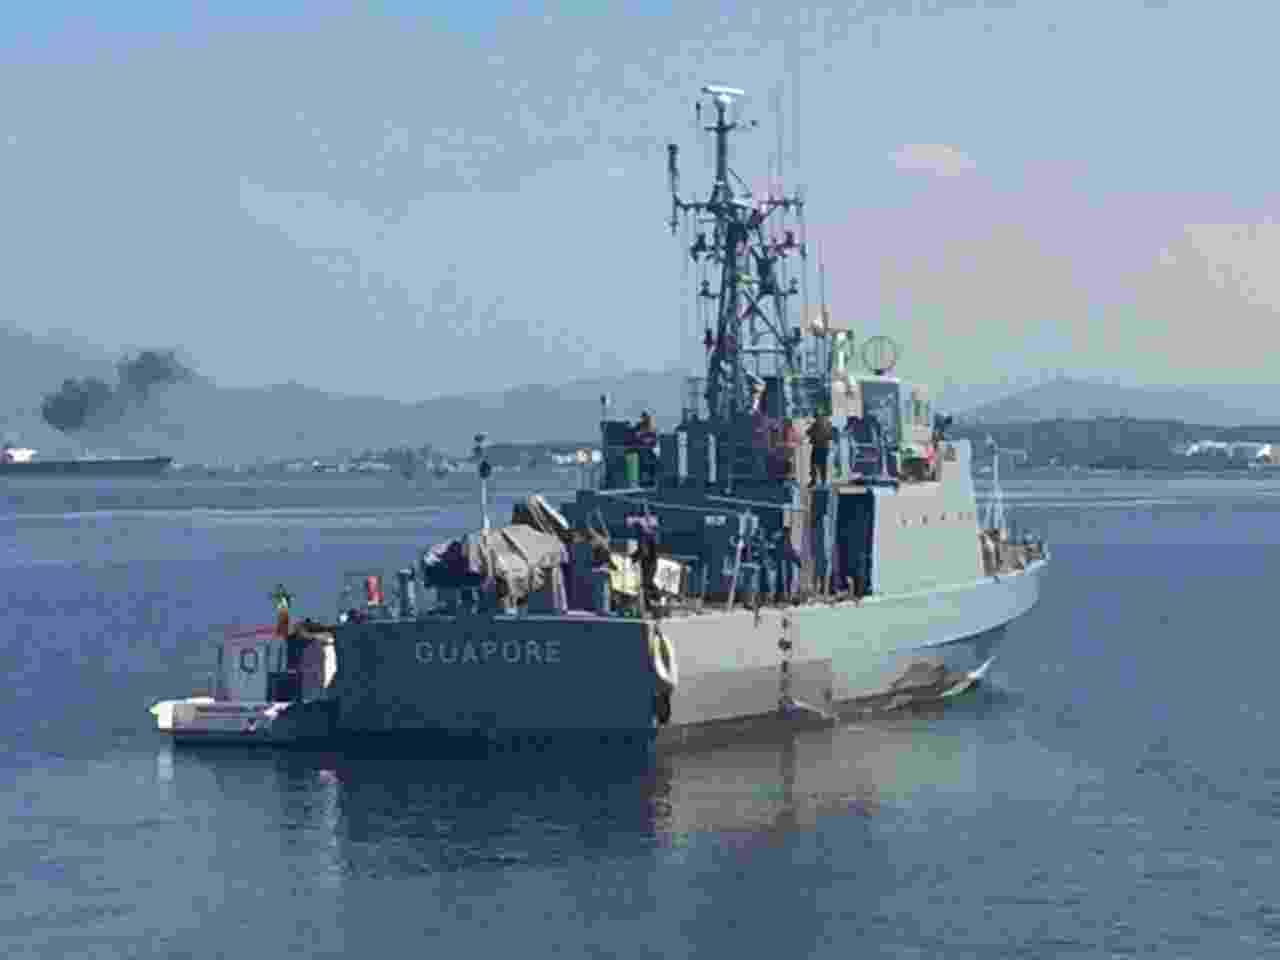 O navio patrulha oceânico Guaporé, usado em operação das Forças Armadas para evitar possível fuga de criminosos do Complexo do Salgueiro - Luis Kawaguti/UOL